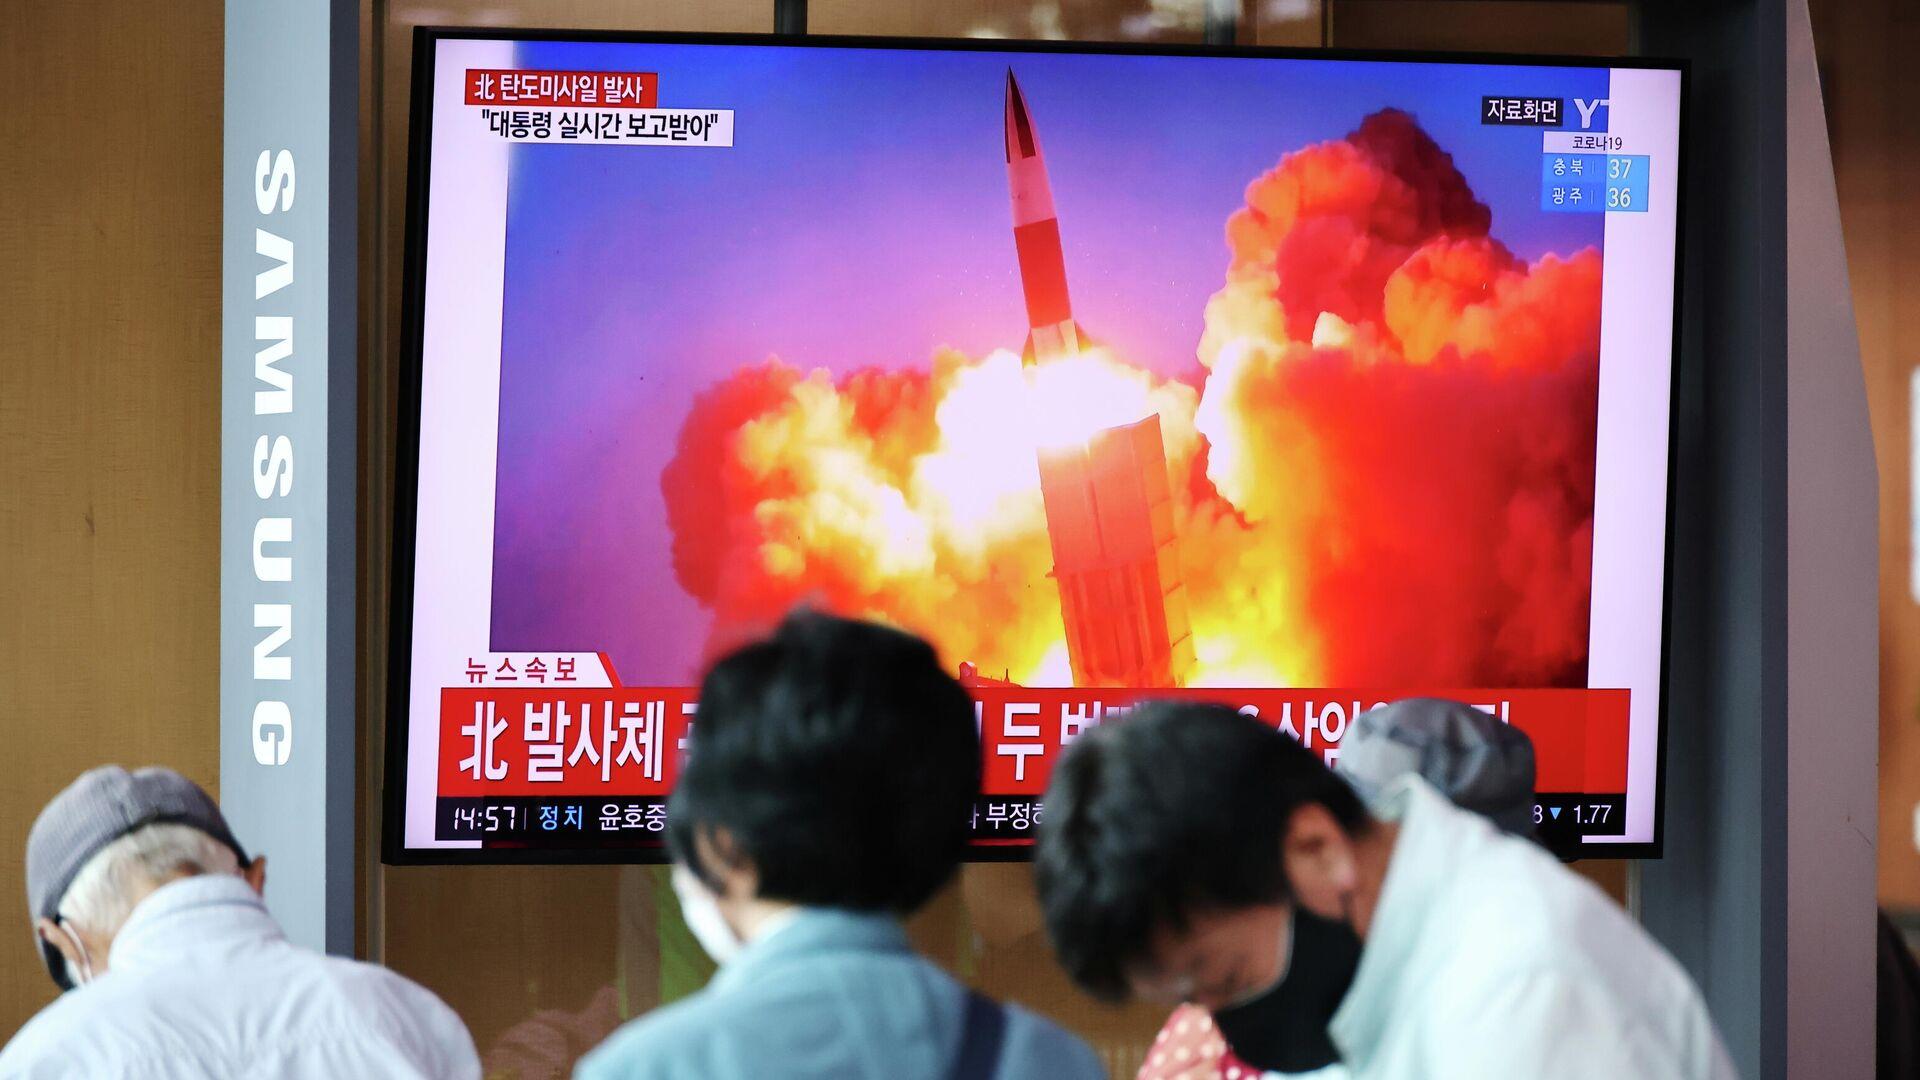 Трансляция кадров запуска северо-корейской баллистической ракеты в Сеуле - РИА Новости, 1920, 15.09.2021